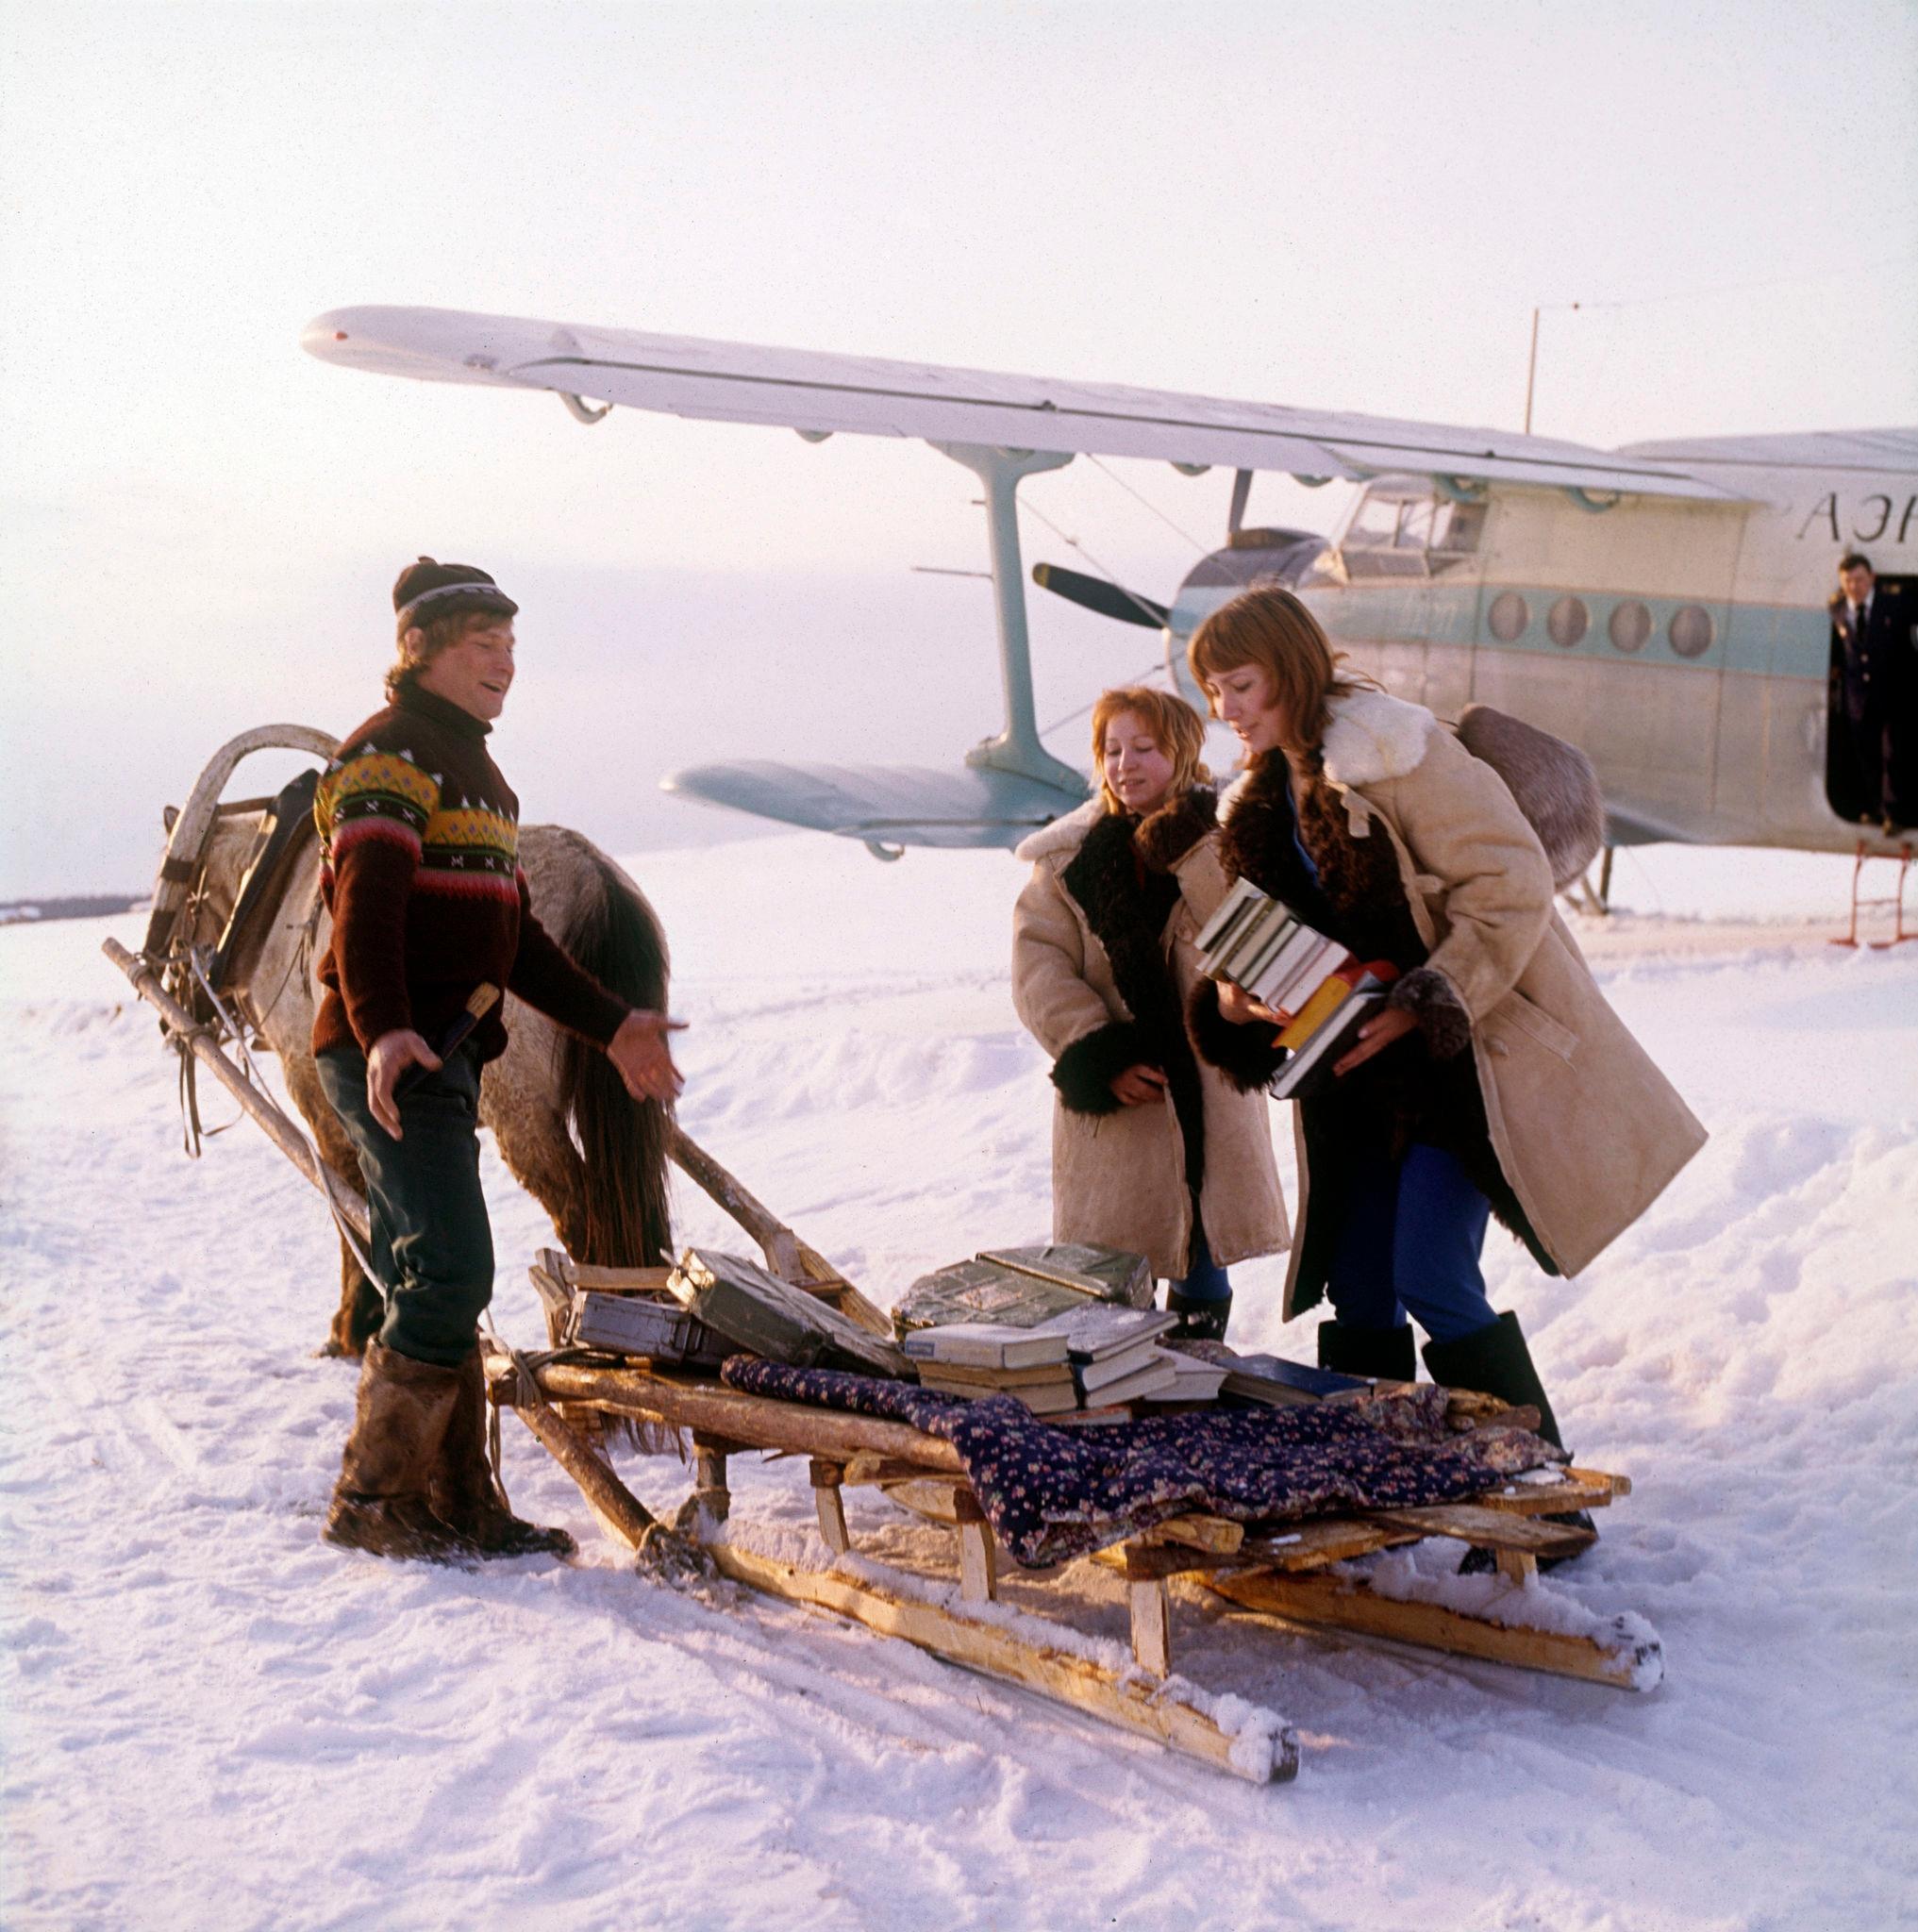 1970-е. Лена, таежная метеостанция Китулья, прибытие транспортного самолета